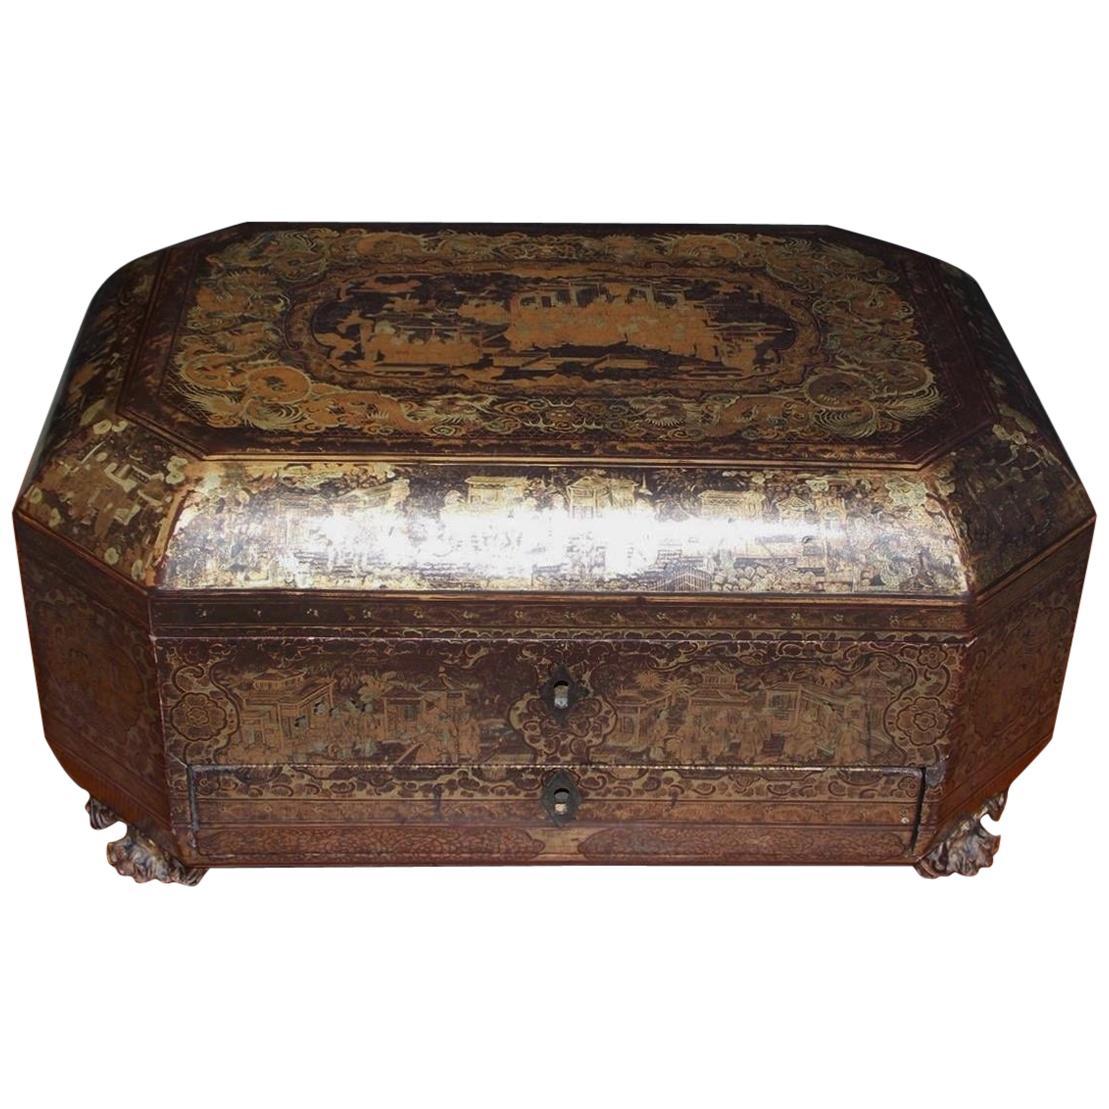 Brilliant Antique Sewing Boxes 69 For Sale On 1Stdibs Inzonedesignstudio Interior Chair Design Inzonedesignstudiocom